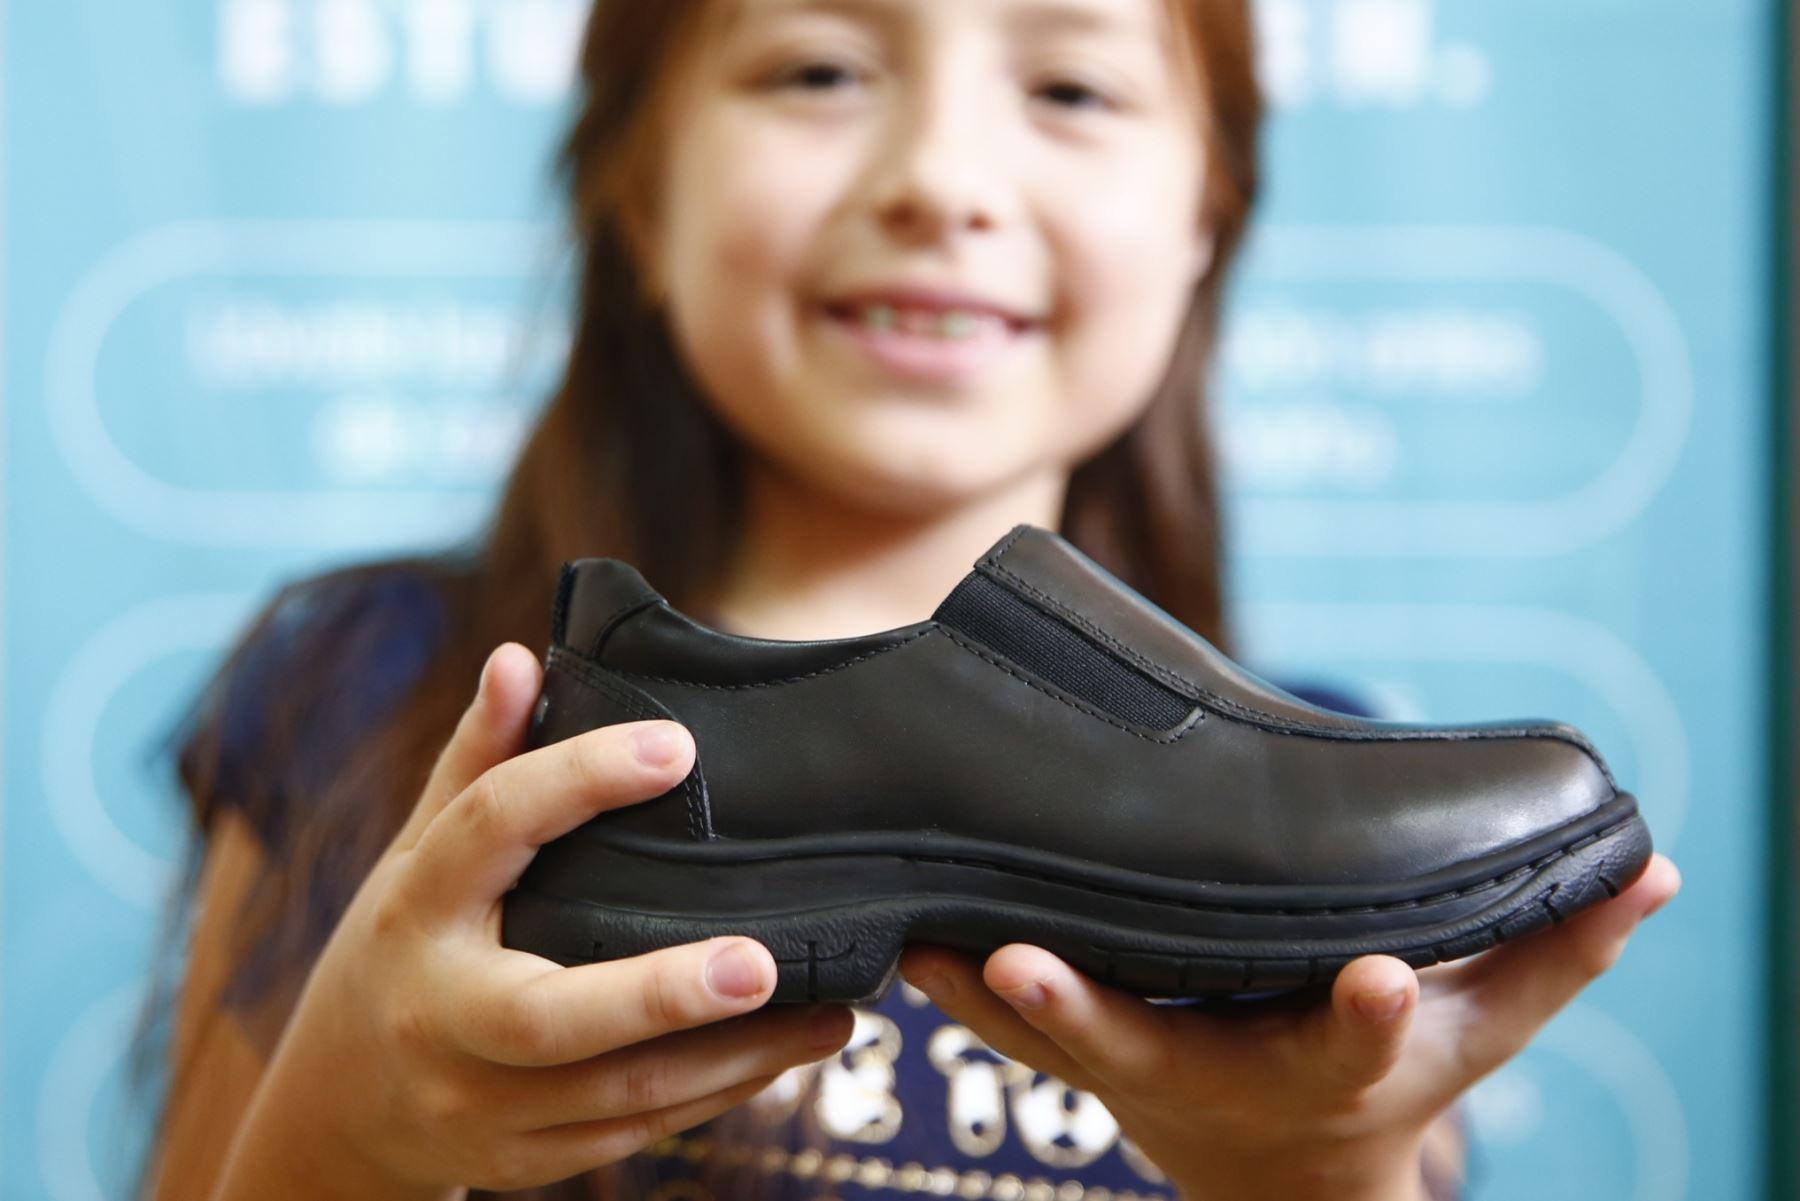 El calzado escolar debe brindar comodidad al estudiante. Foto: ANDINA/Jhonel Rodríguez Robles